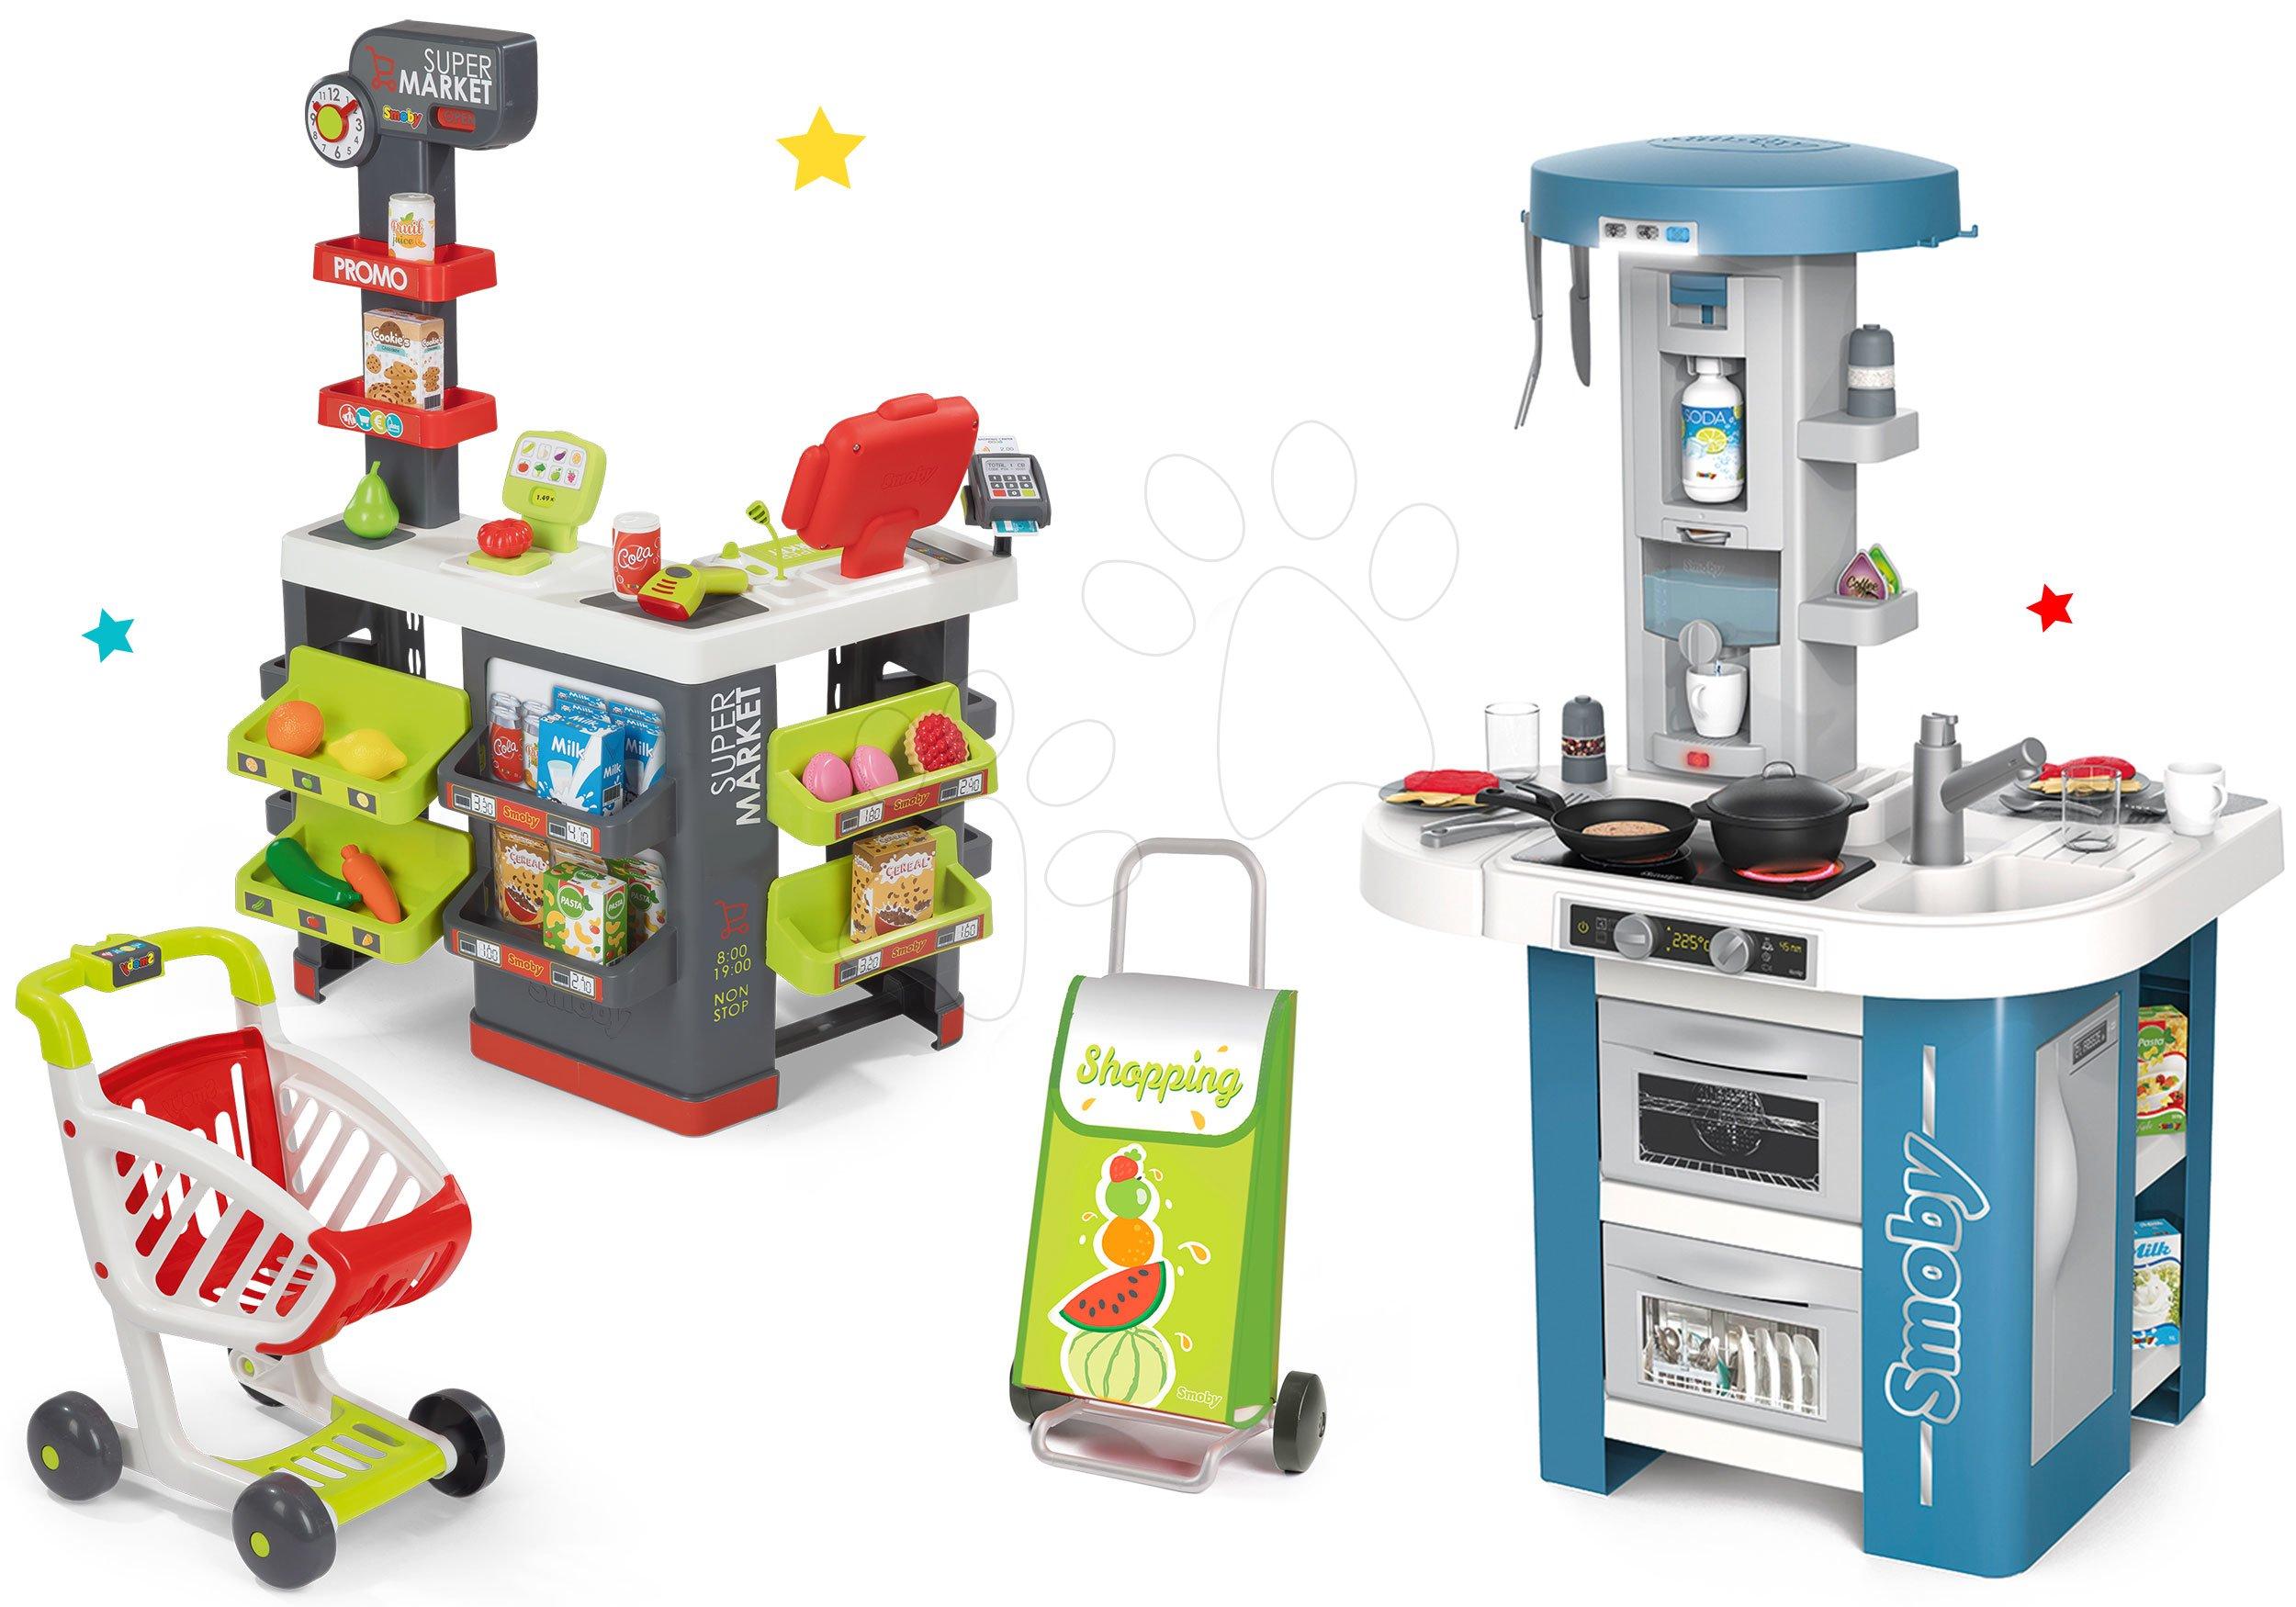 Set kuchynka s technickým vybavením Tech Edition Smoby elektronická so supermarketom a nákupný vozík s taškou